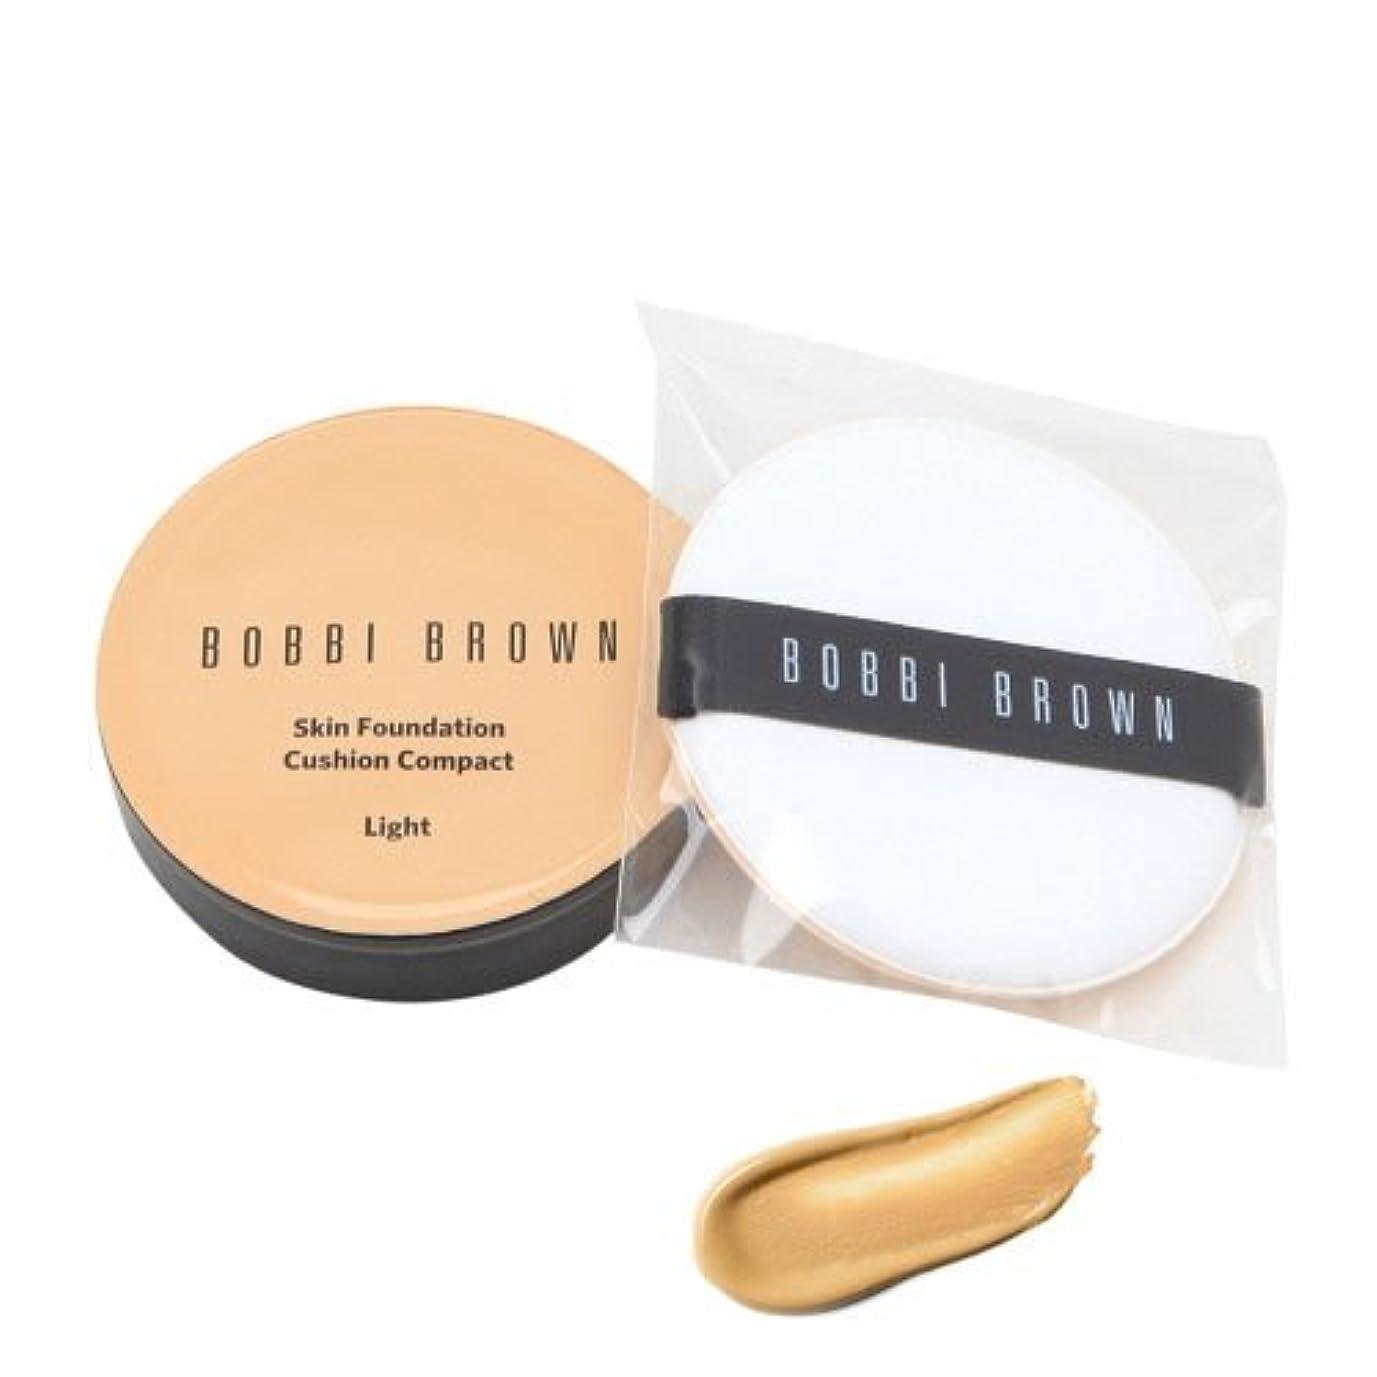 のヒープ泳ぐためらうボビーブラウン BOBBI BROWN スキン ファンデーション クッション コンパクト SPF 50(PA+++) #03 LIGHT [並行輸入品]